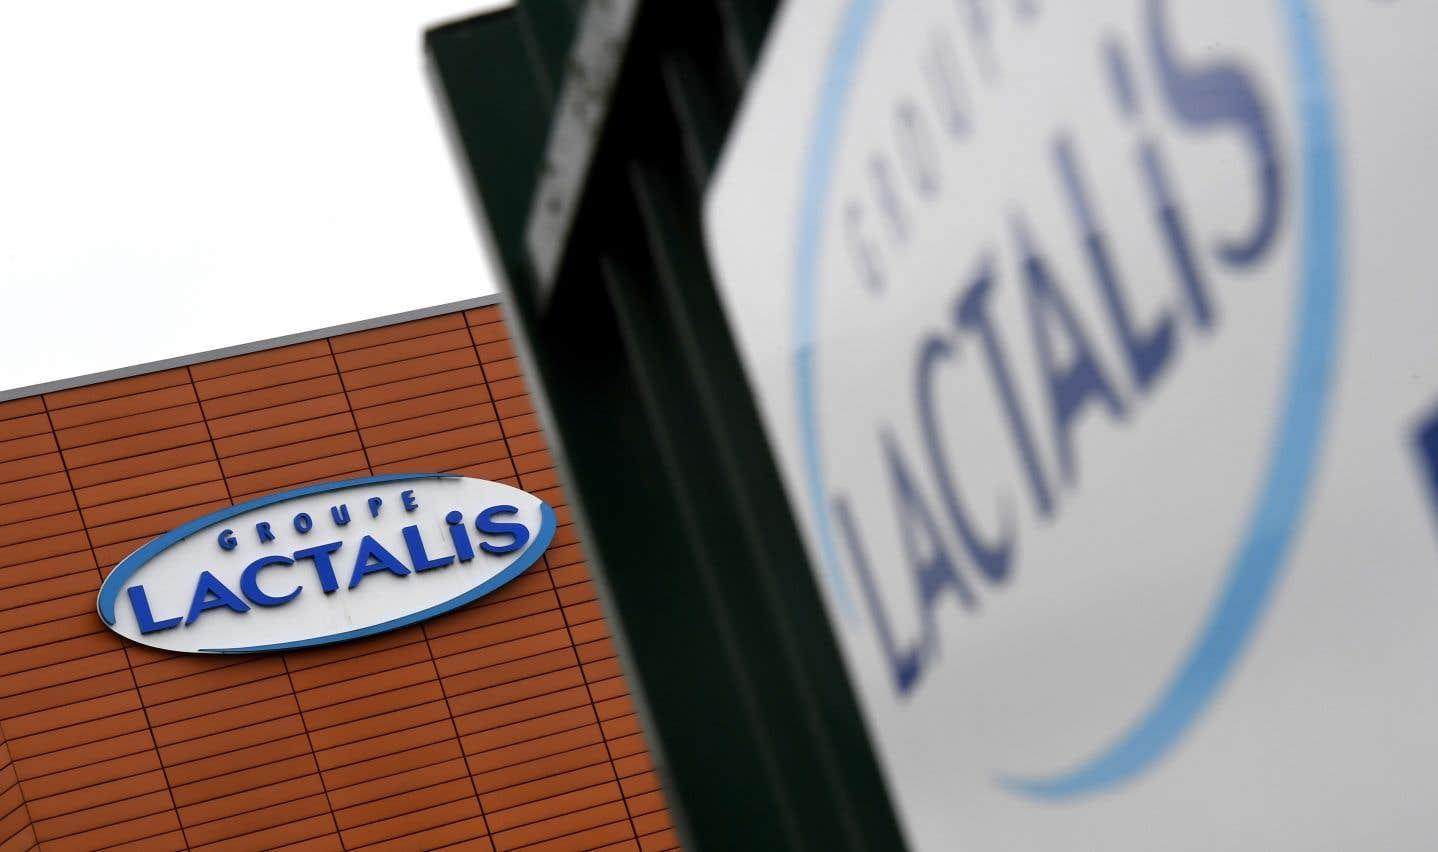 Né d'une petite entreprise familiale, Lactalis est devenu un géant mondial avec 246 sites de production dans 47 pays et 75 000 collaborateurs.